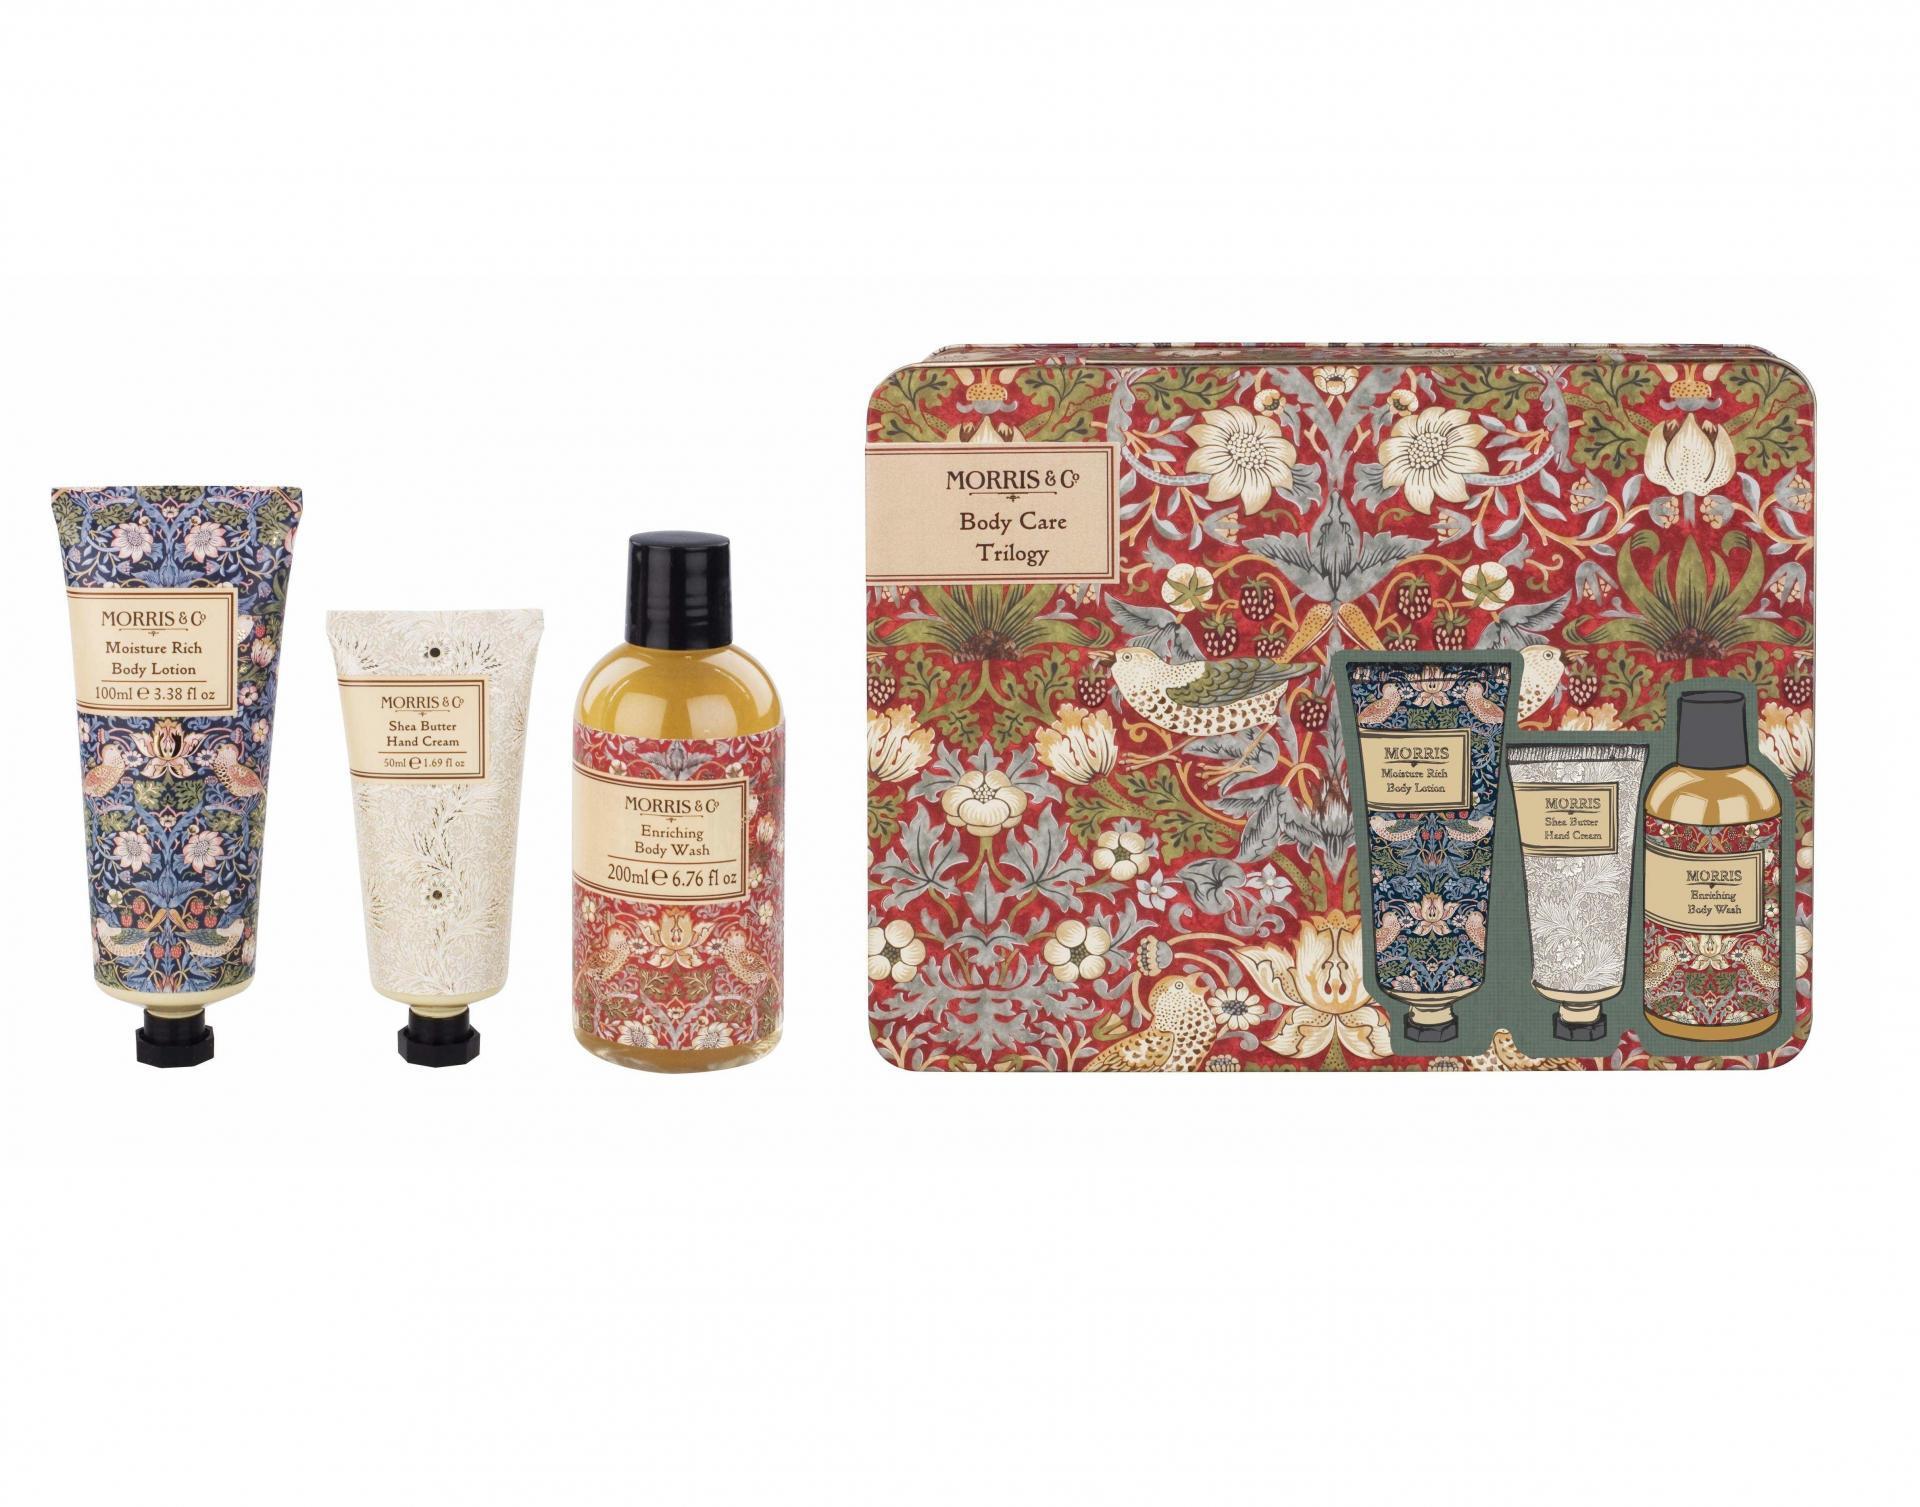 MORRIS & Co. Sada tělové kosmetiky v plechovém boxu Strawberry Thief, červená barva, zelená barva, kov, plast